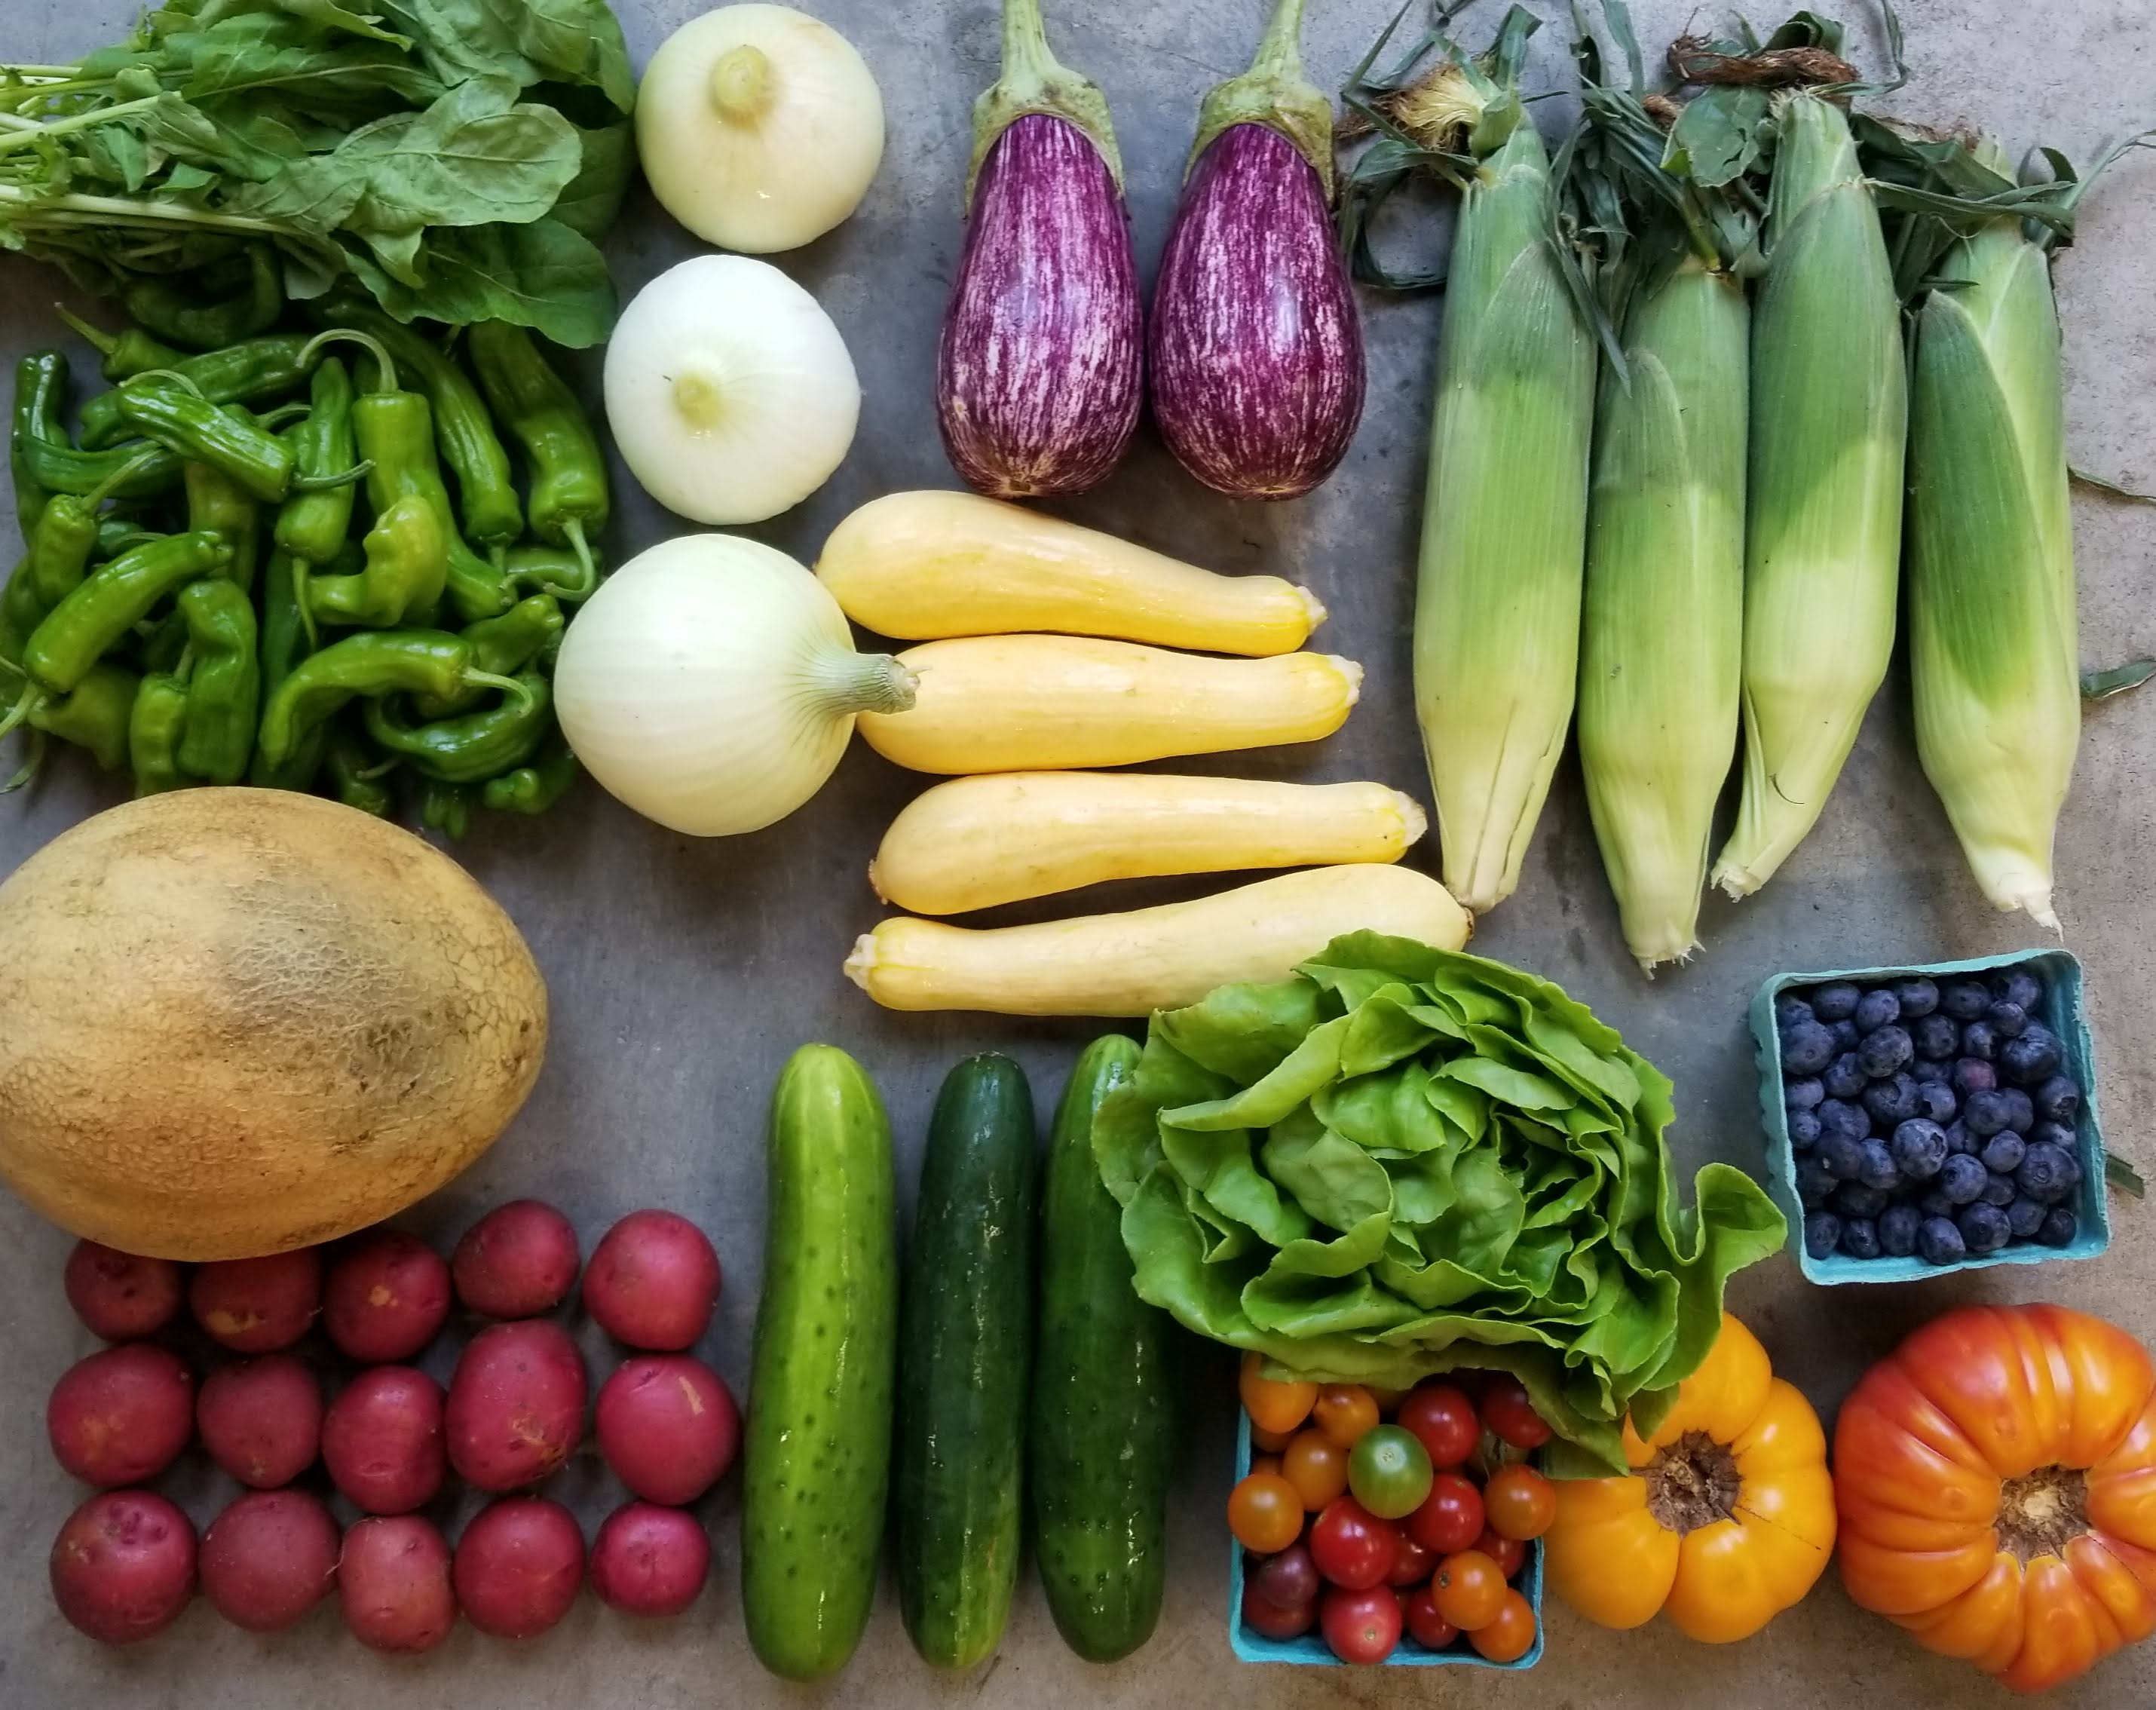 Summer-Fall Local Produce Farm Share